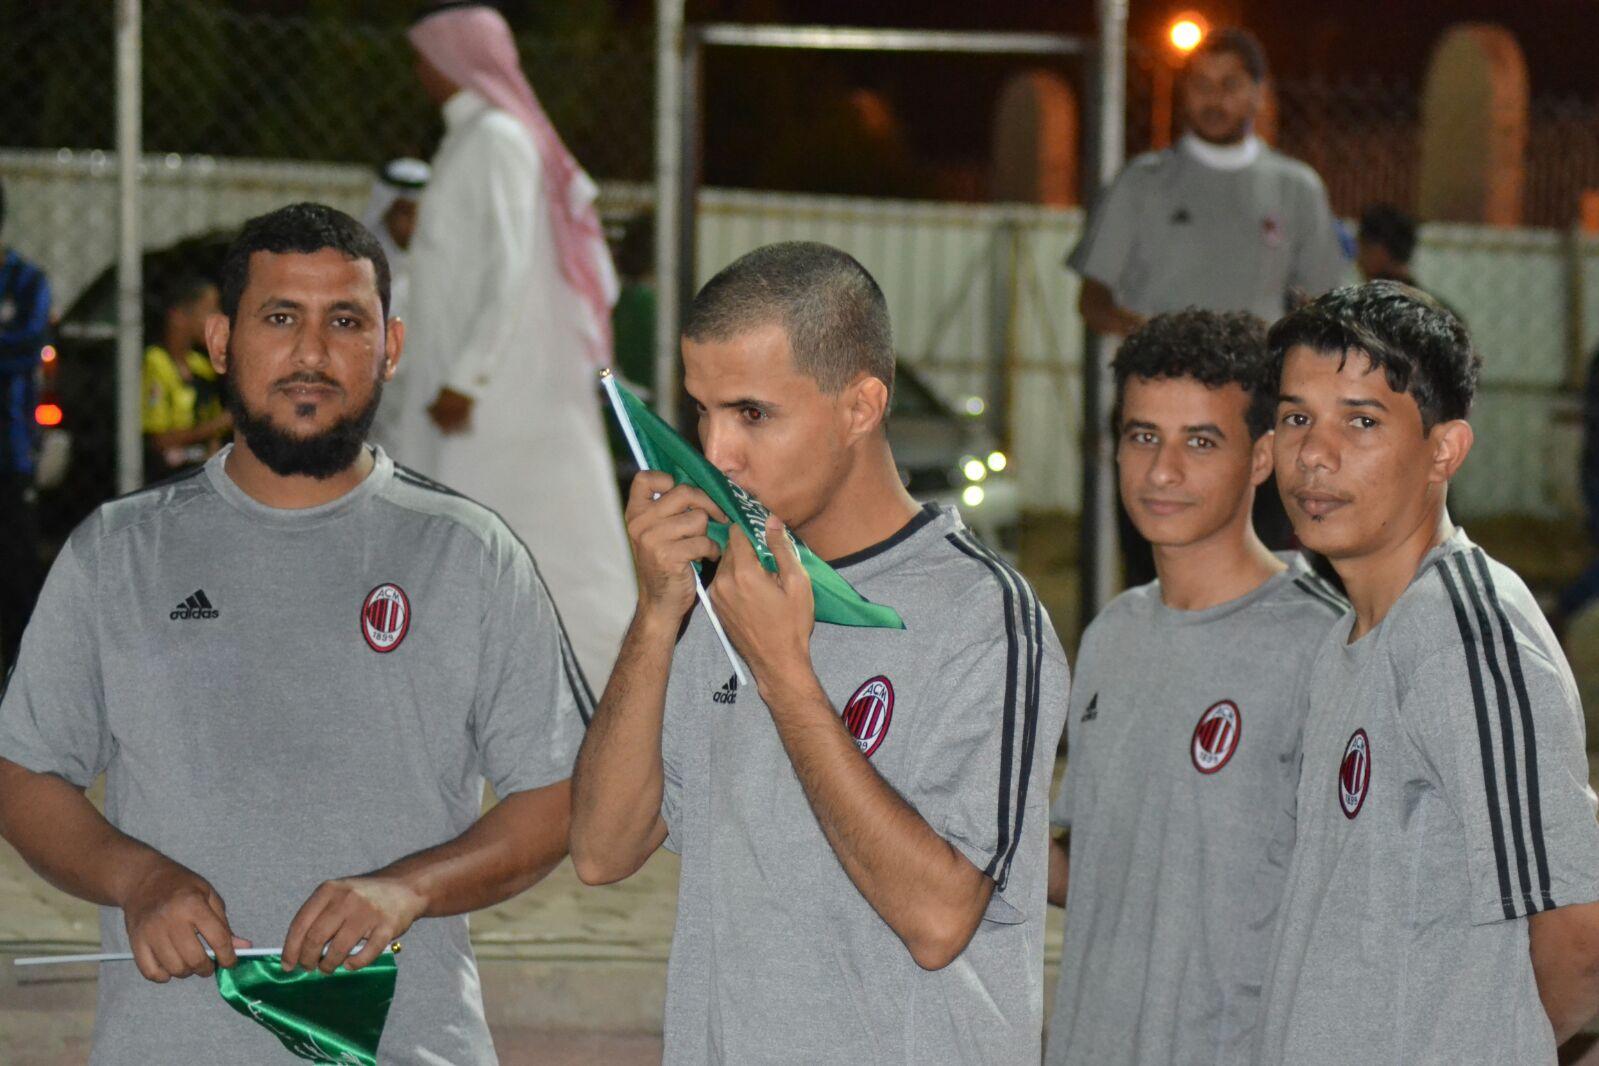 انطلاق دوري رابطة فرق الاحياء لكرة القدم باضم (4)